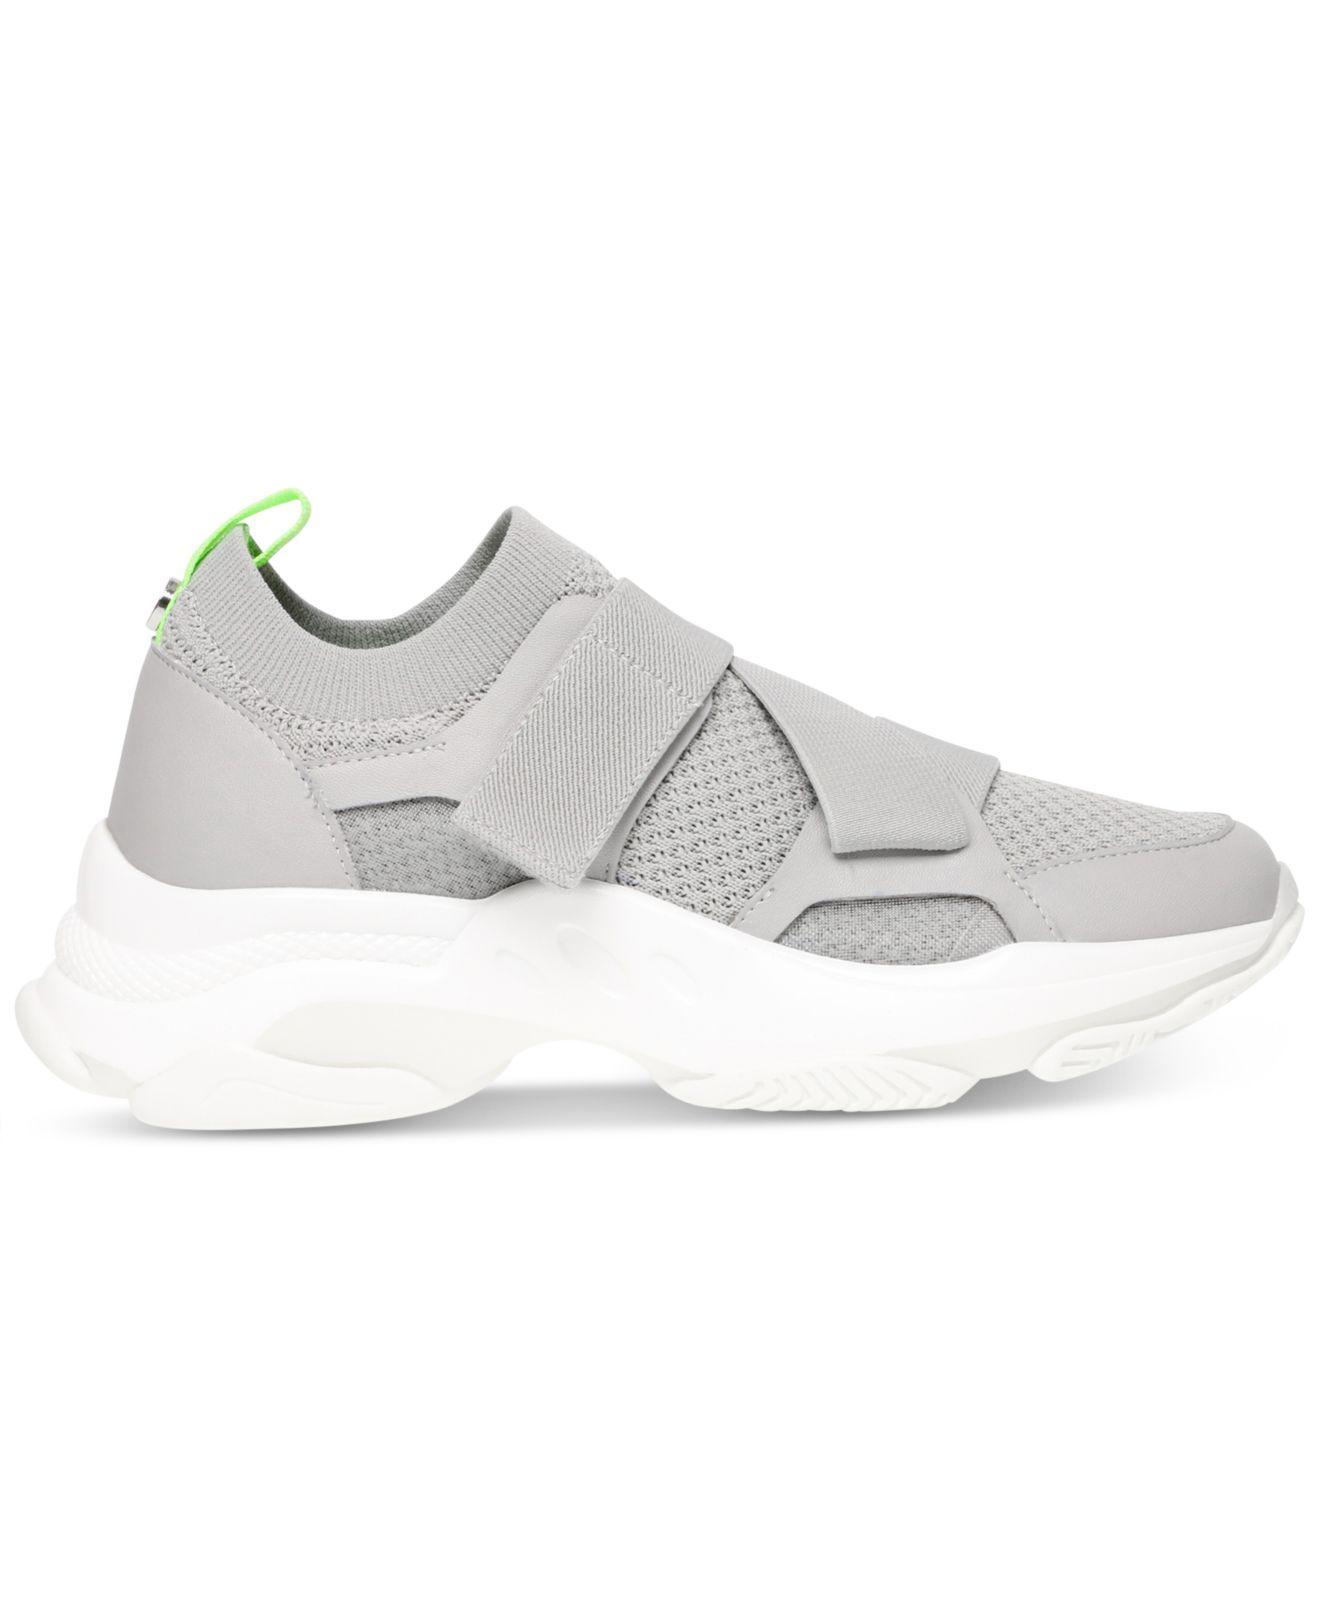 Steve Madden Meteorite Sneakers in Grey